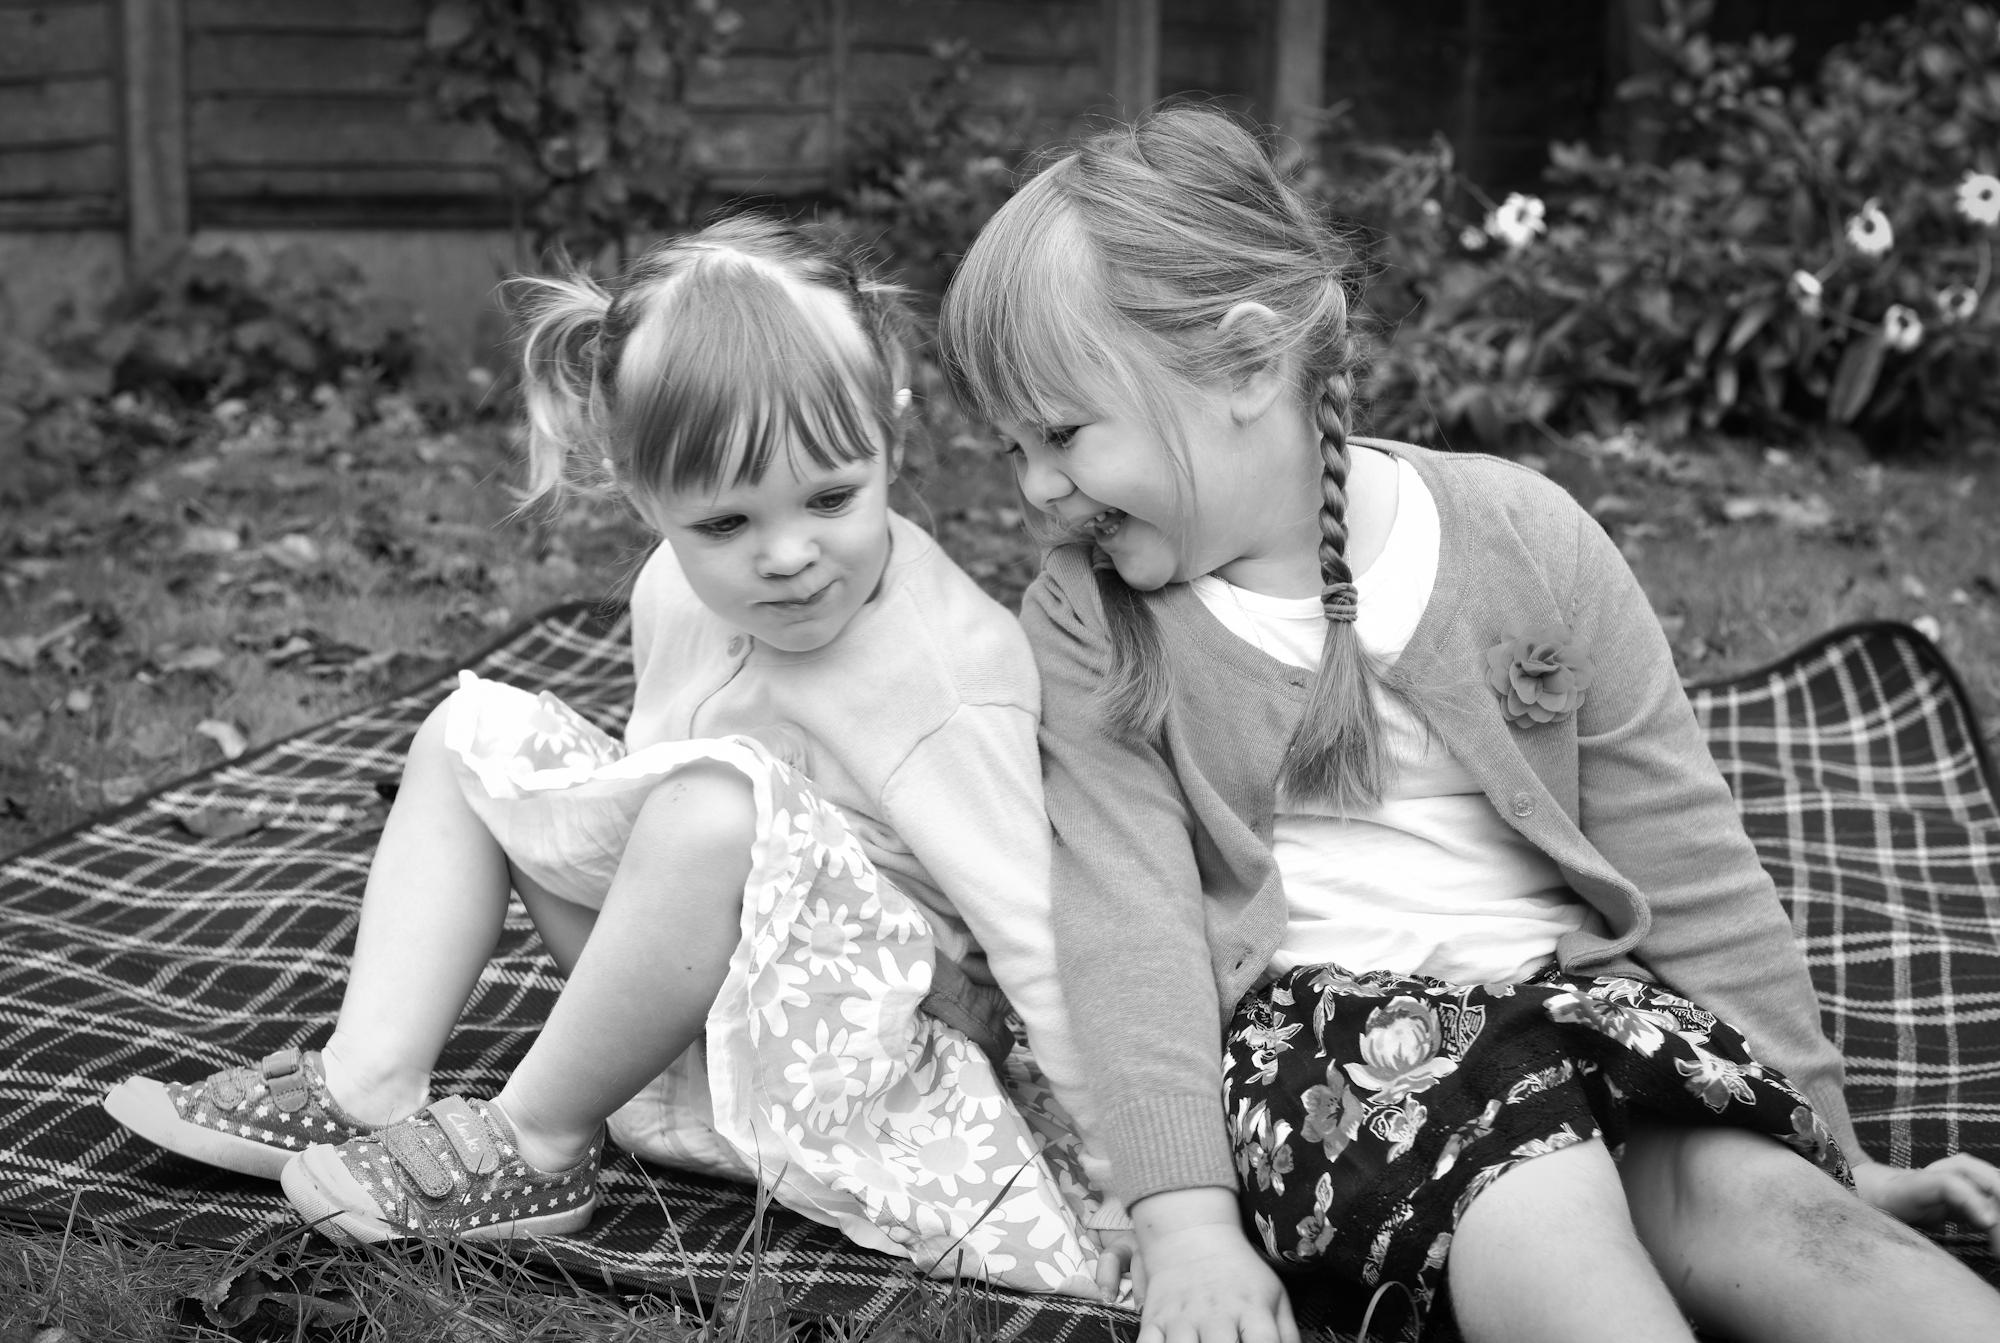 Siblings picnic portrait